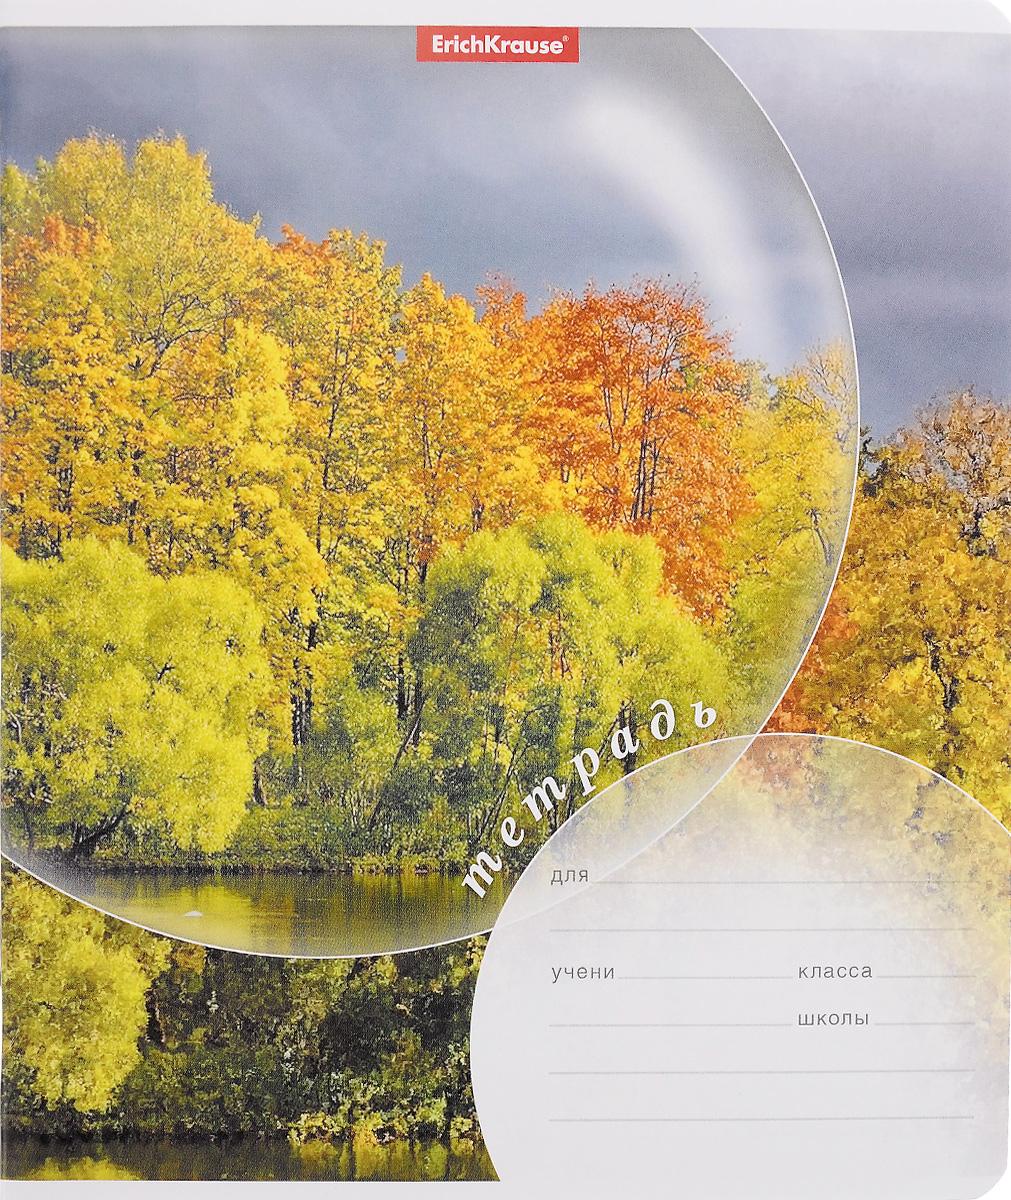 Набор тетрадей Erich Krause Магия природы Осень предназначен для младших школьников. Обложка каждой тетради выполнена из плотного картона с закругленными углами и оформлена изображением осеннего пейзажа.На обратной стороне обложки имеется справочная информация (русский и английский прописные алфавиты).Внутренний блок тетрадей состоит из 24 листов белой бумаги в линейку с красными полями.В наборе 10 тетрадей.